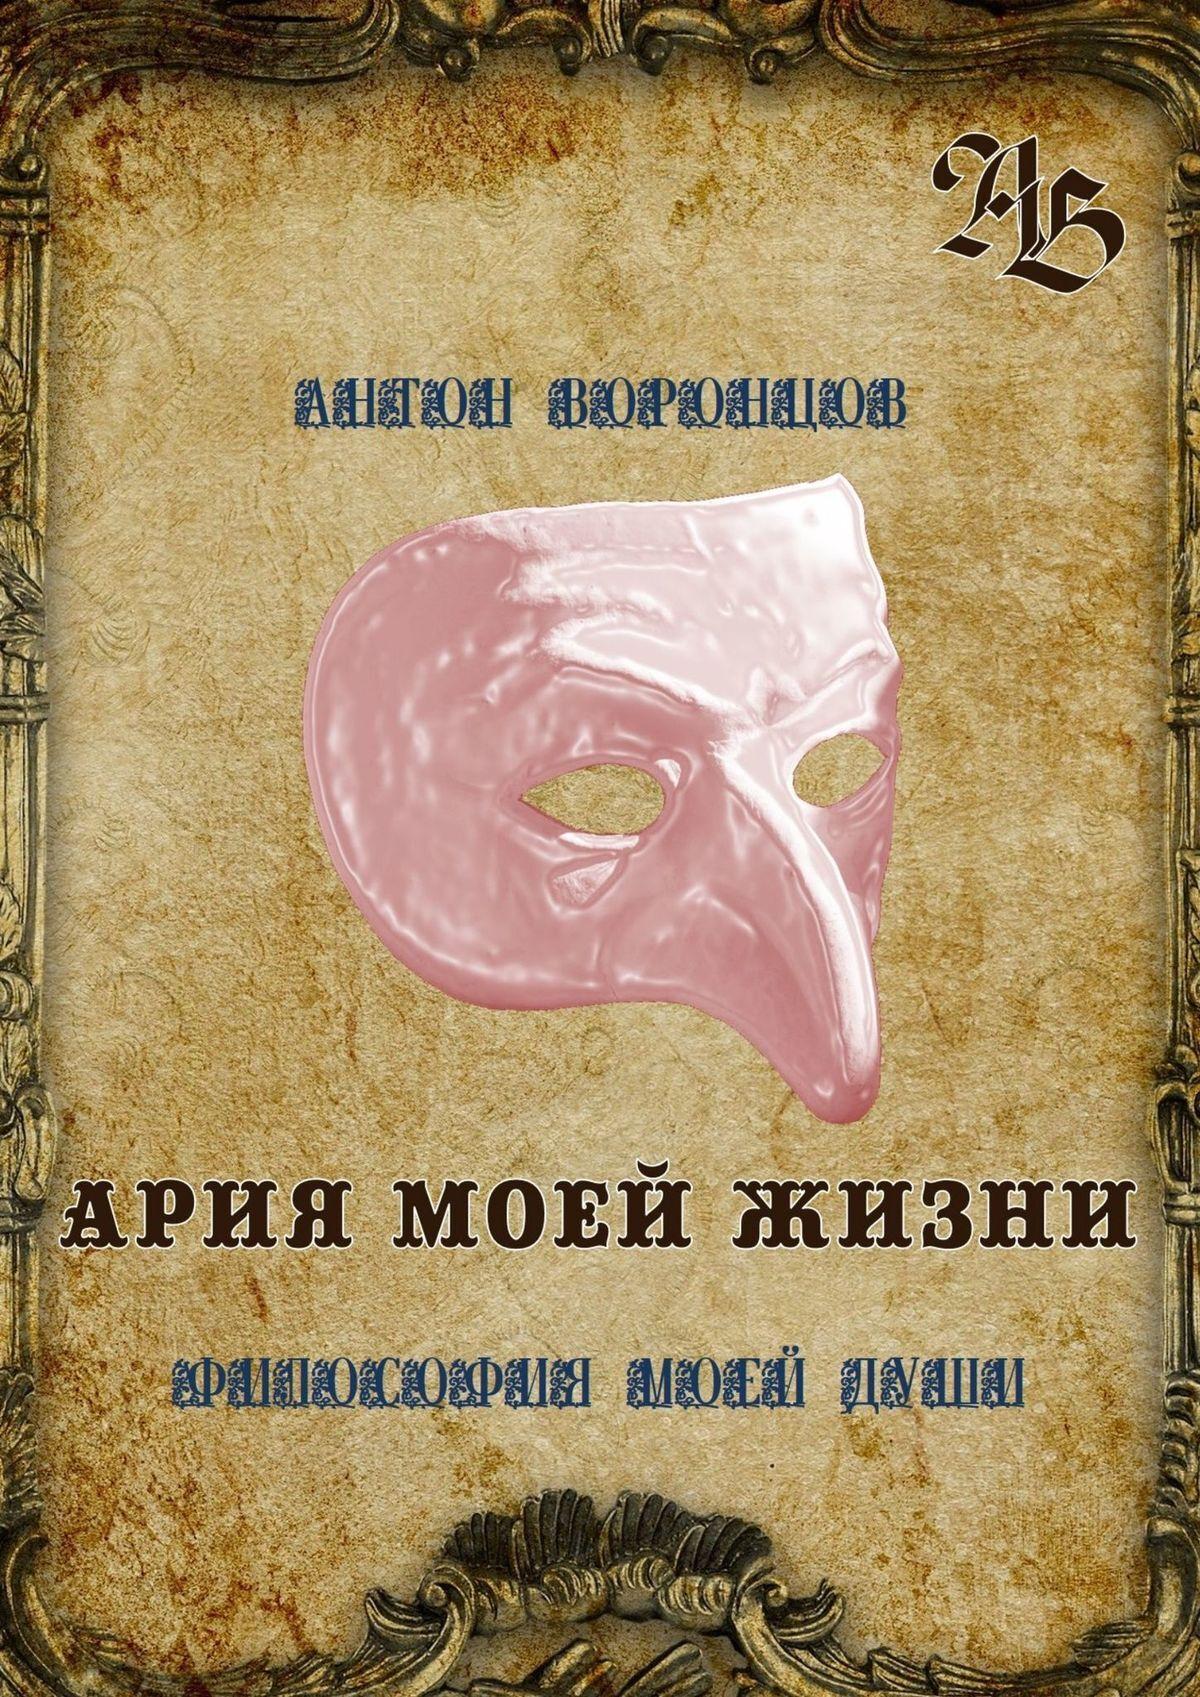 Антон Воронцов Ария моей жизни. Философия моей души. Часть первая